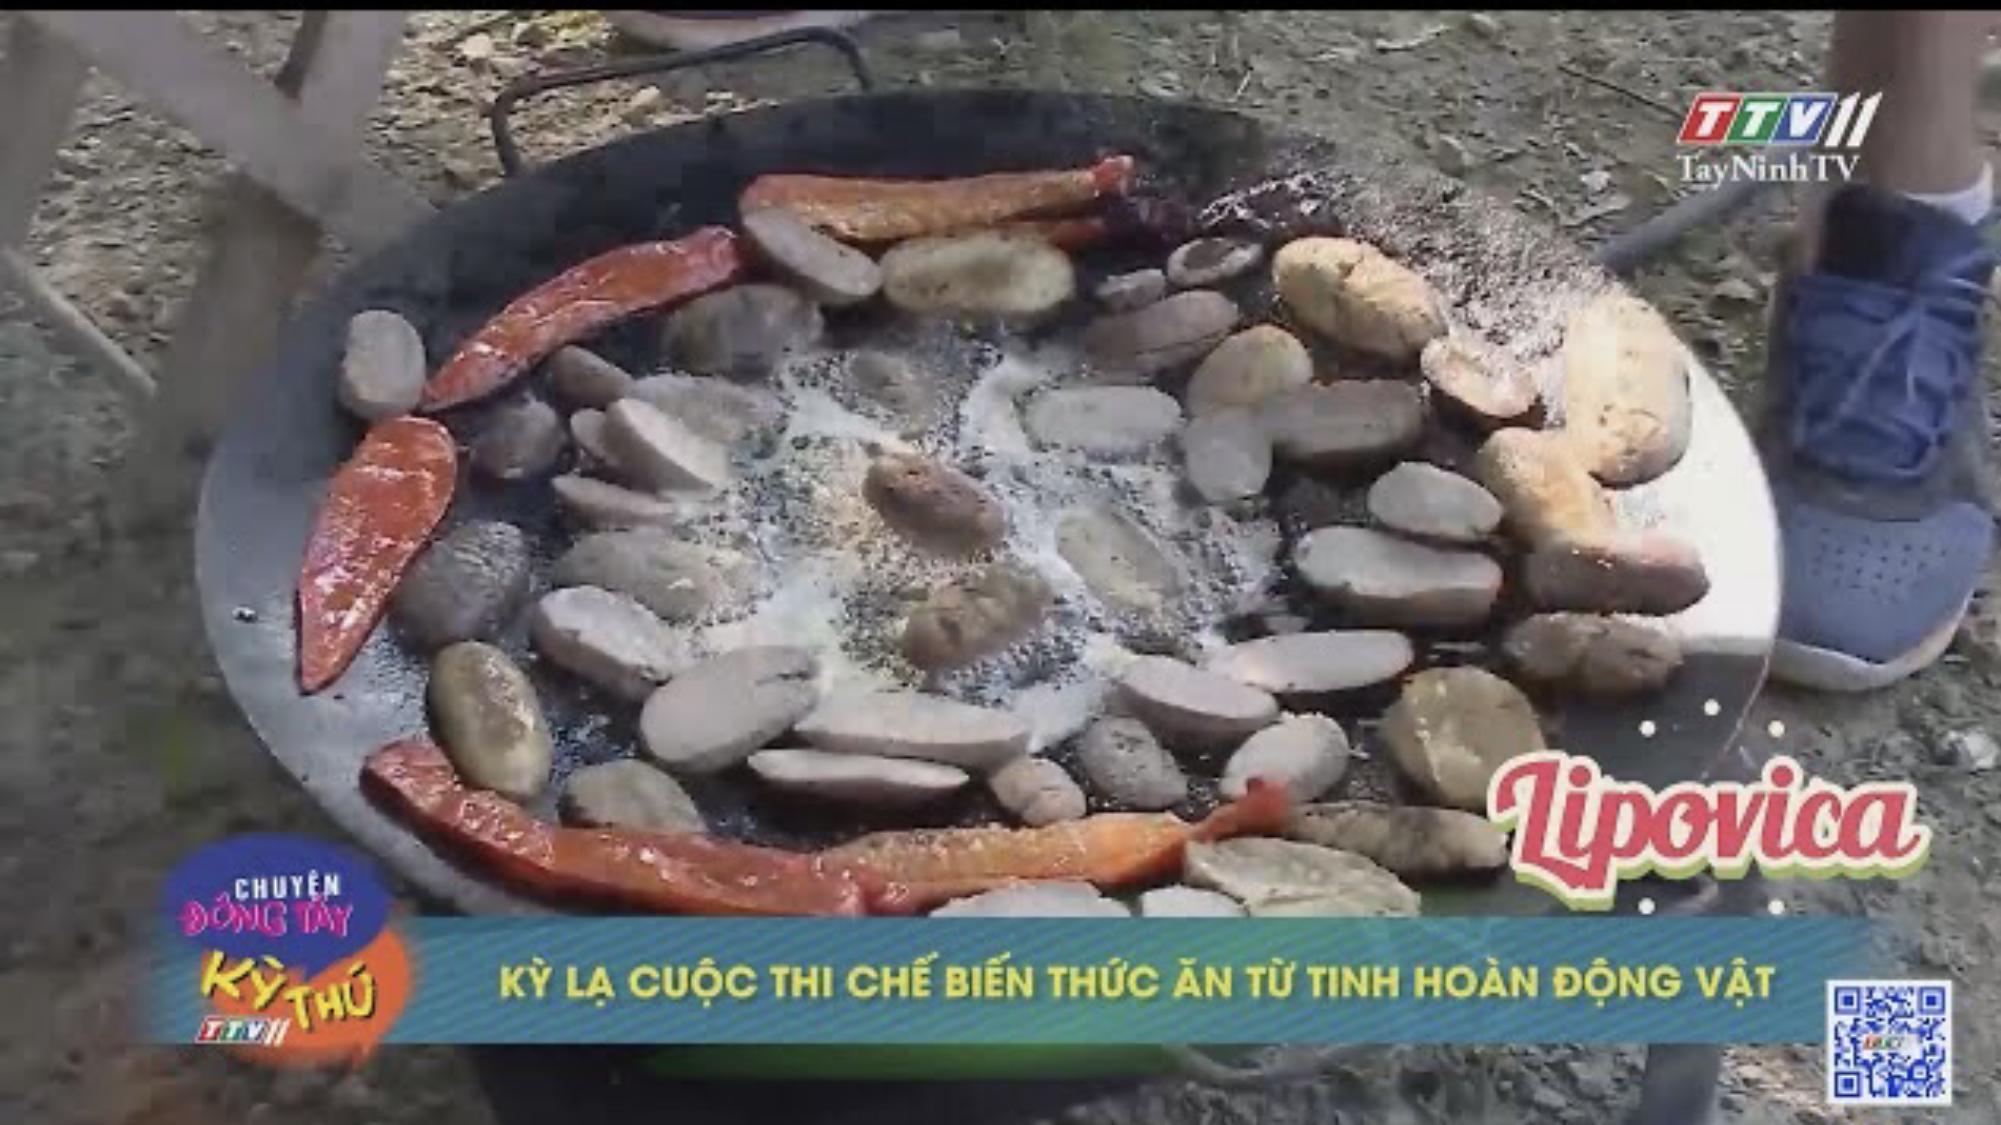 Kỳ lạ cuộc thi chế biến thức ăn từ tinh hoàn động vật | CHUYỆN ĐÔNG TÂY KỲ THÚ | TayNinhTVE